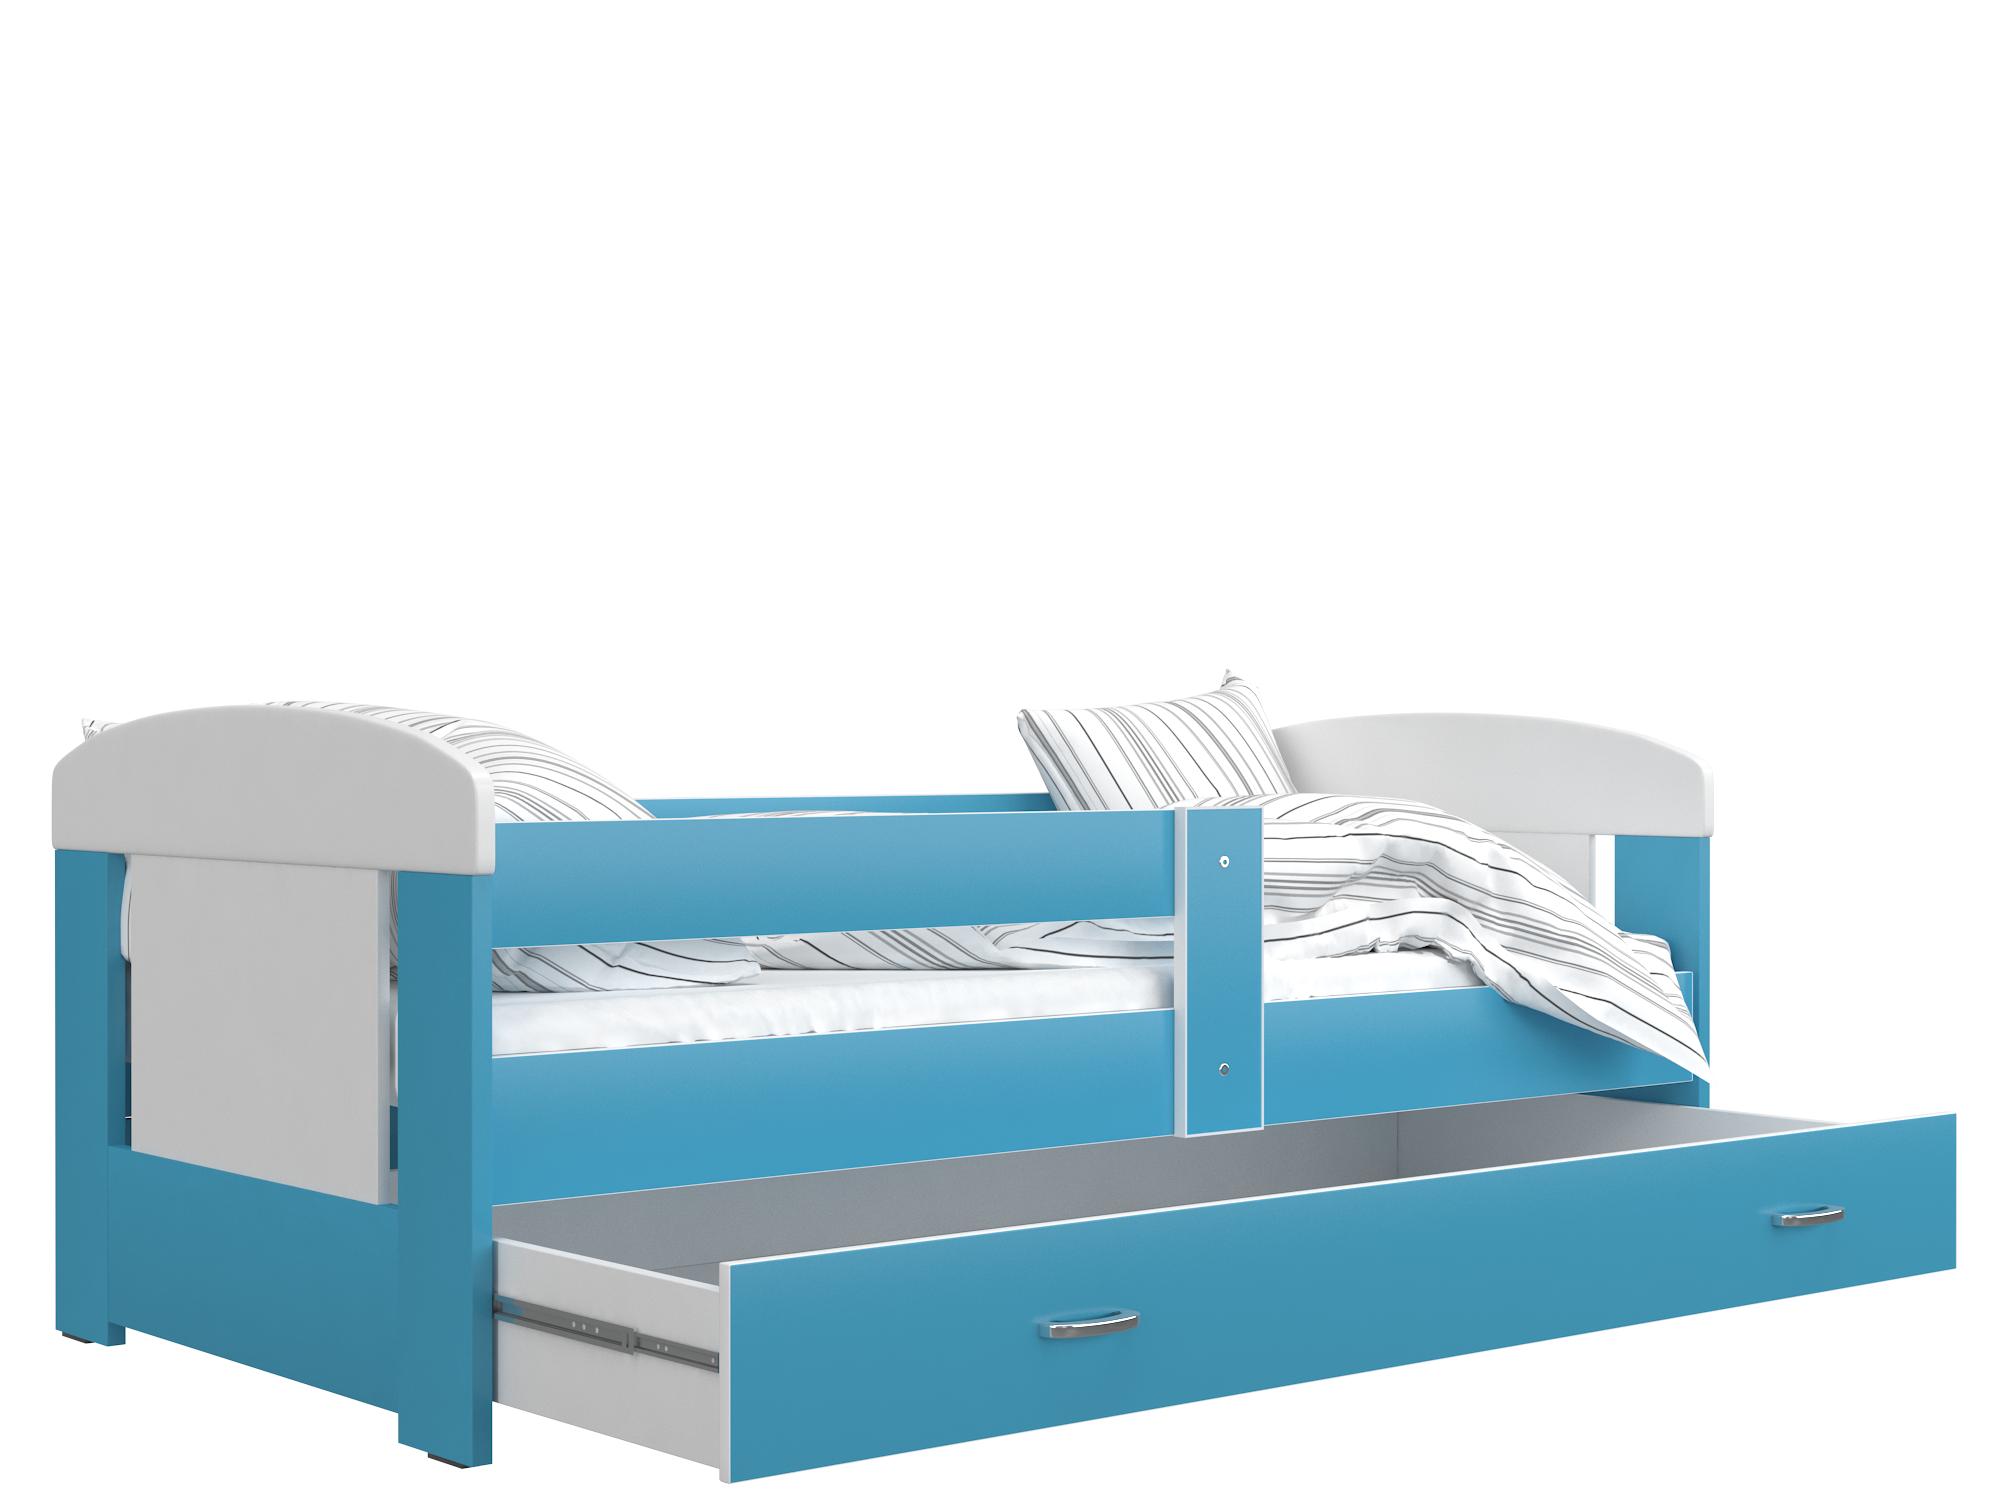 ArtAJ Detská posteľ FILIP COLOR / 160 x 80 cm Farba: biela / blankytná